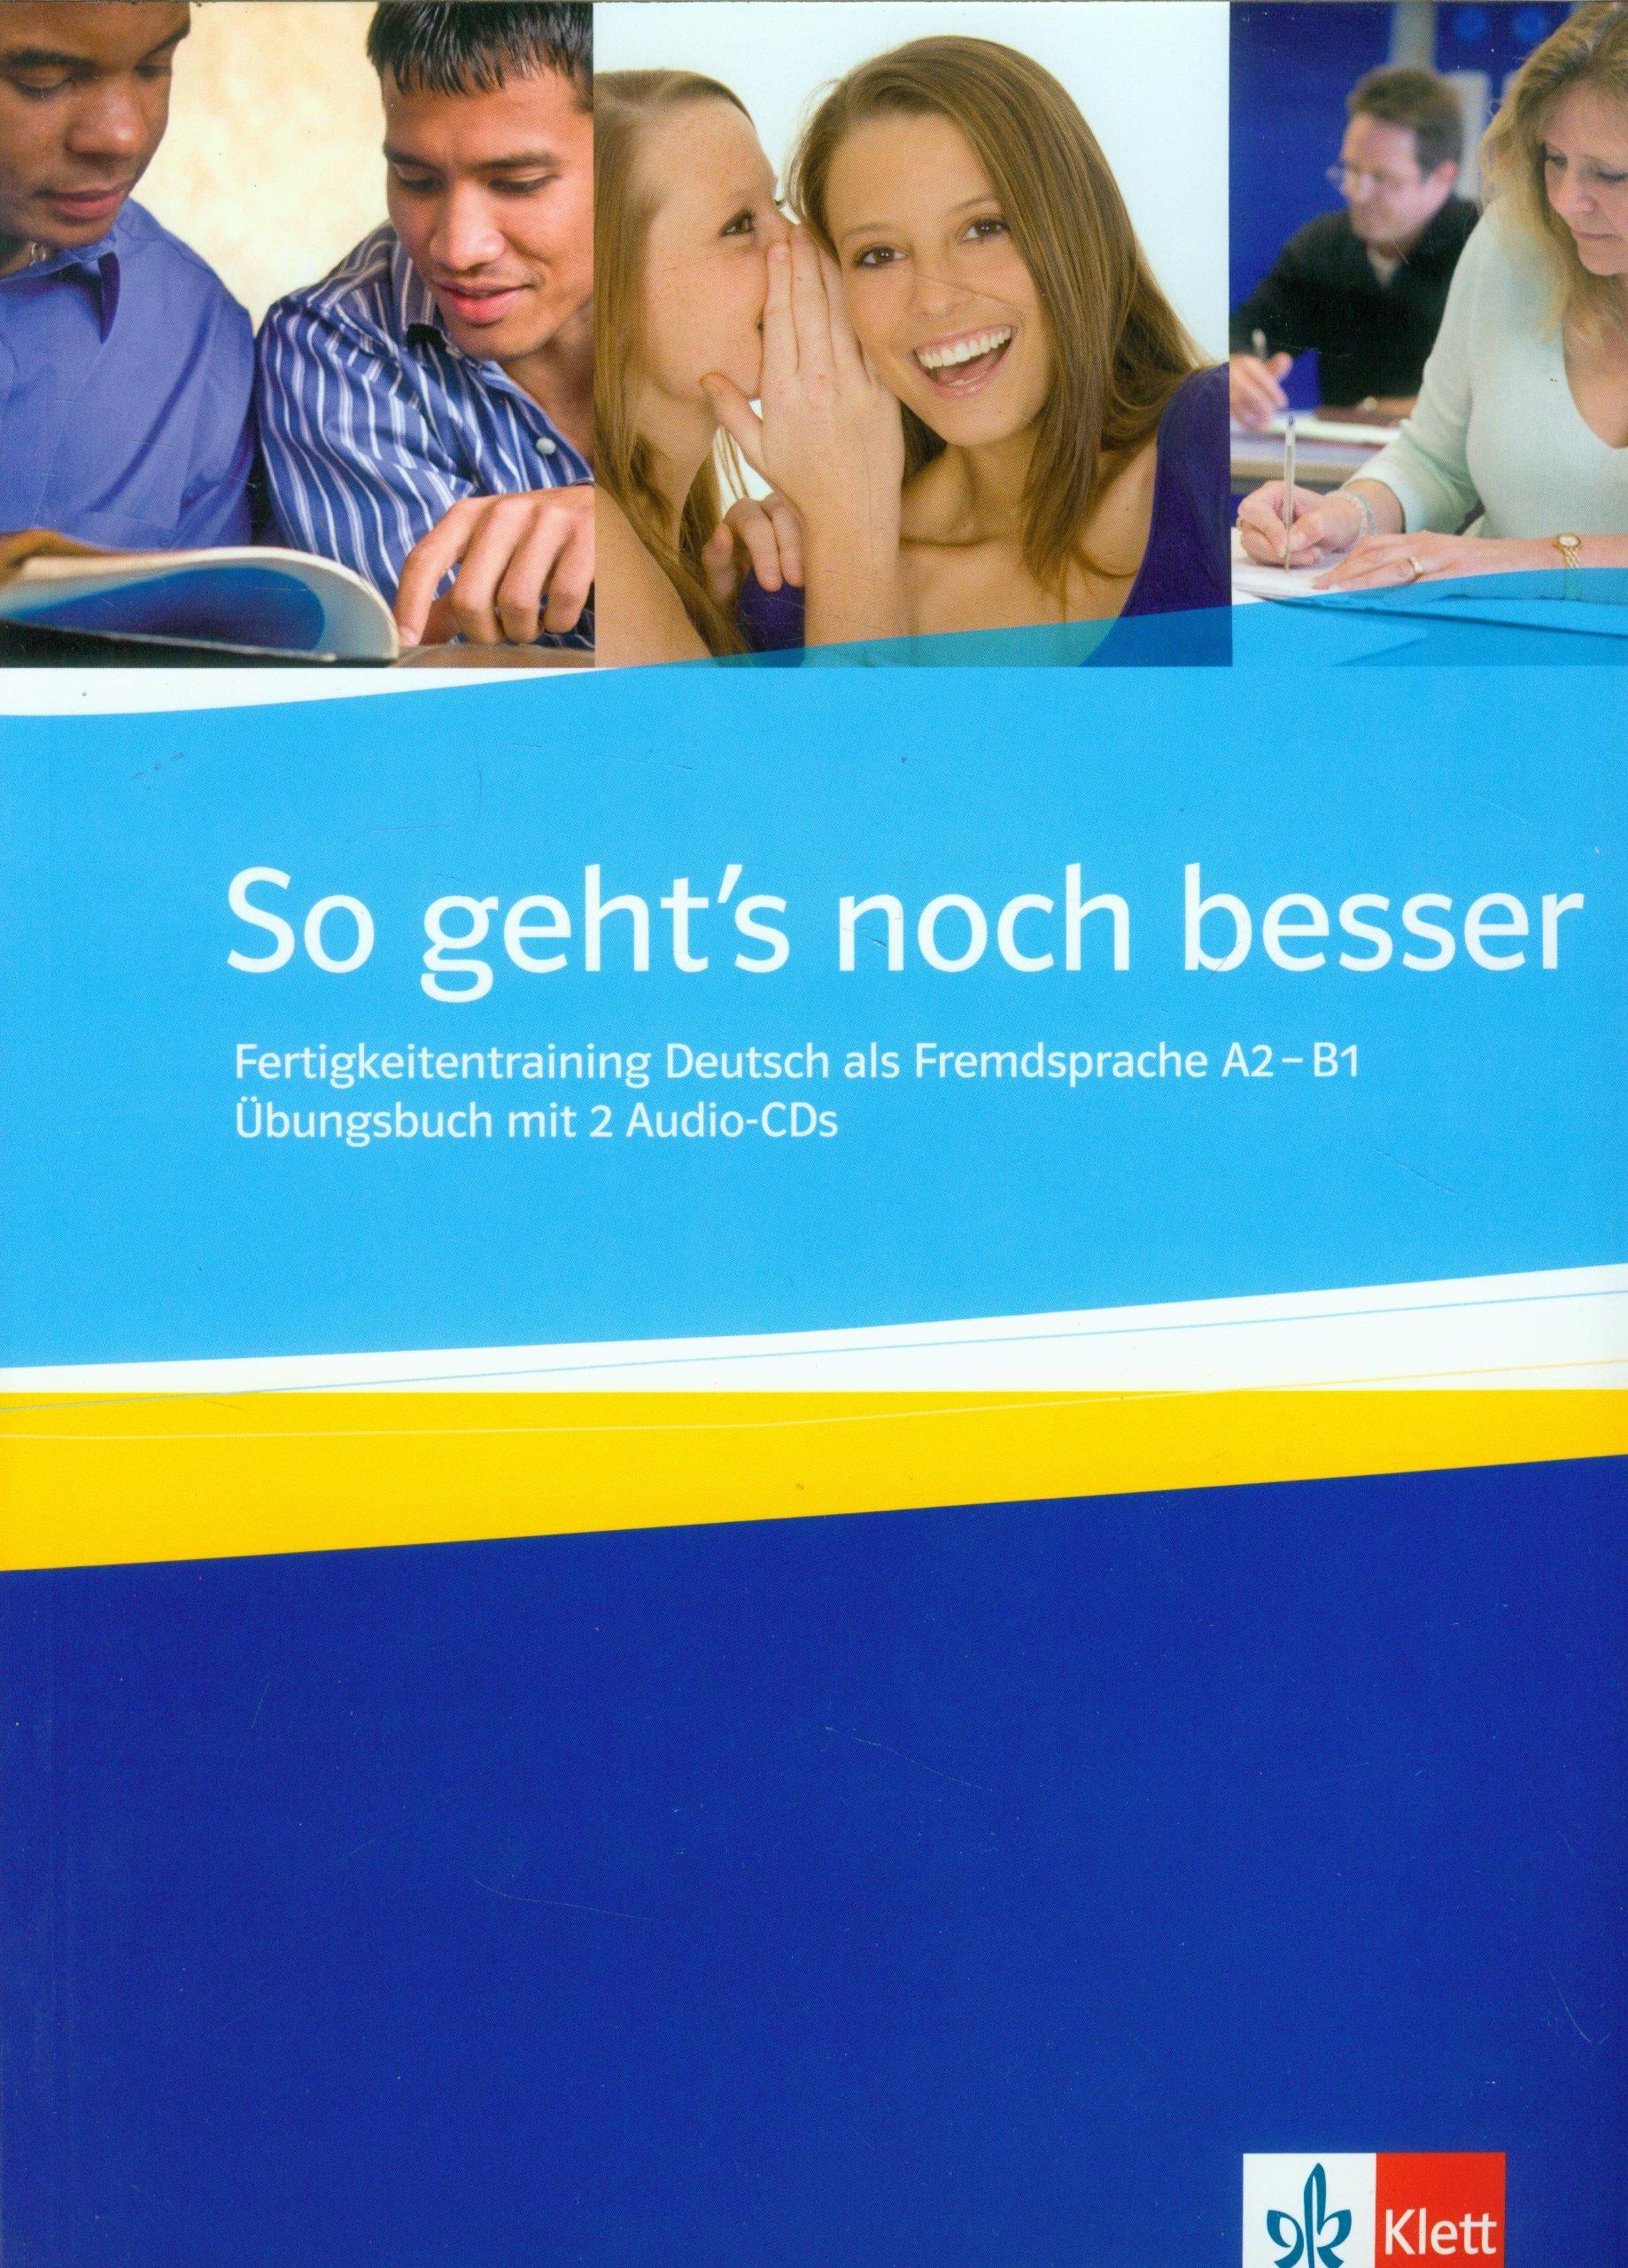 So geht's noch besser: Fertigkeitstraining Deutsch als Fremdsprache A2-B1 / Übungsbuch mit 2 Audio-CDs. Übungsbuch + 2 Audio-CDs